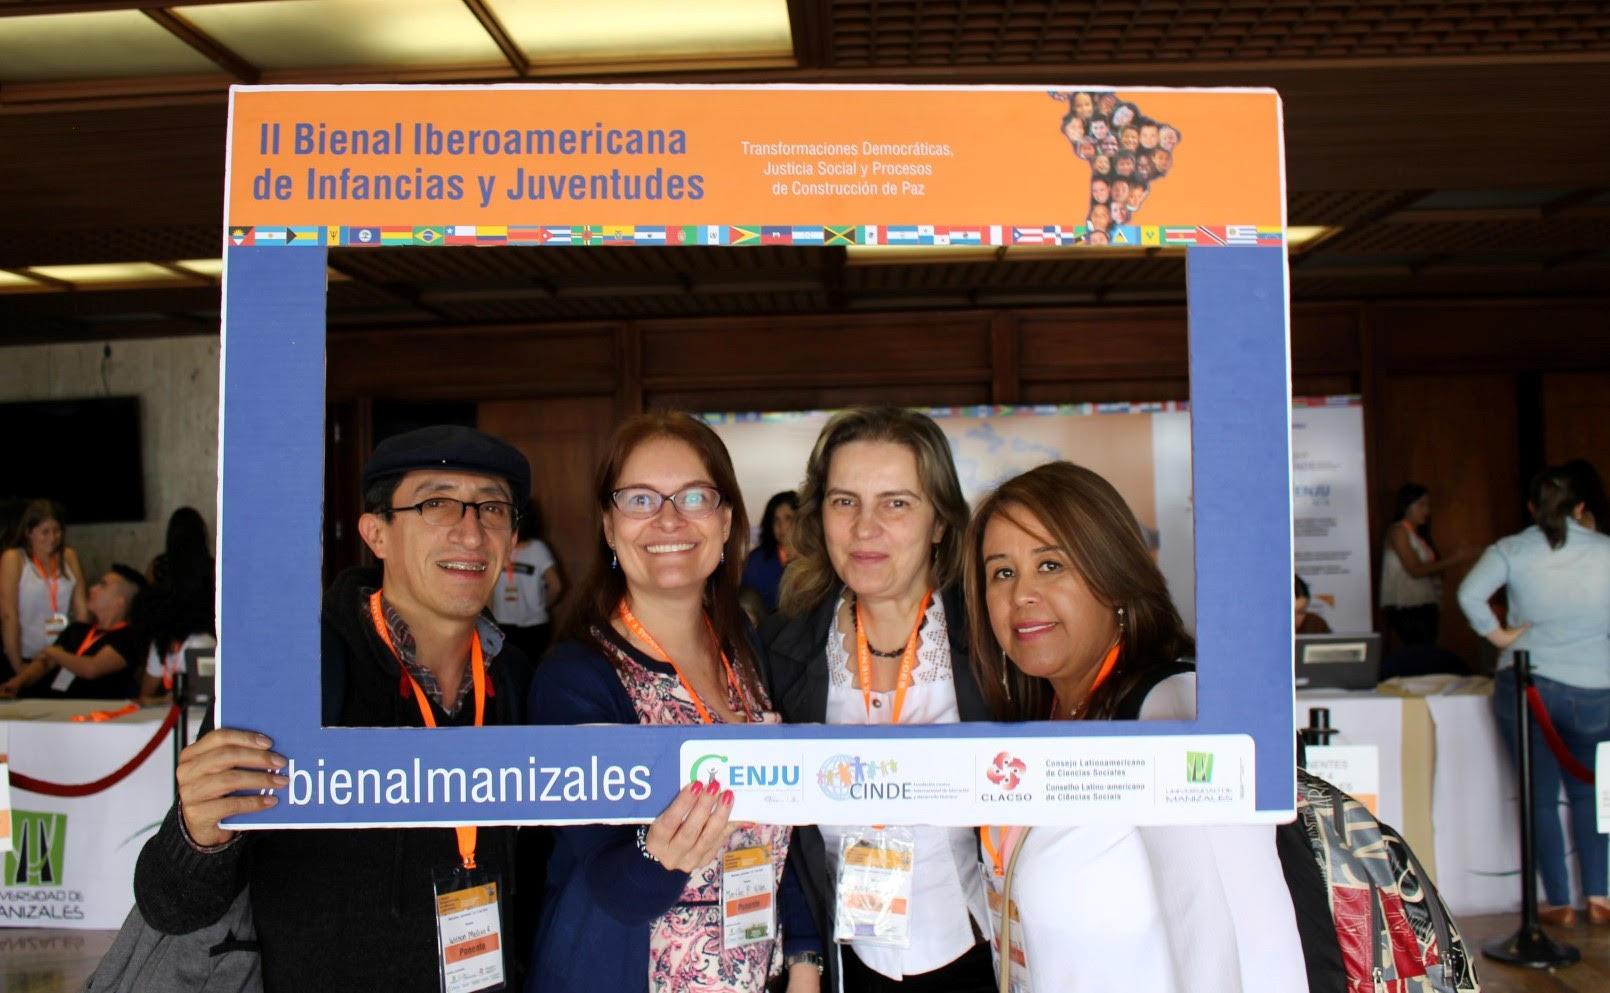 ii-bienal-iberoamericana-de-infancias-y-juventudes